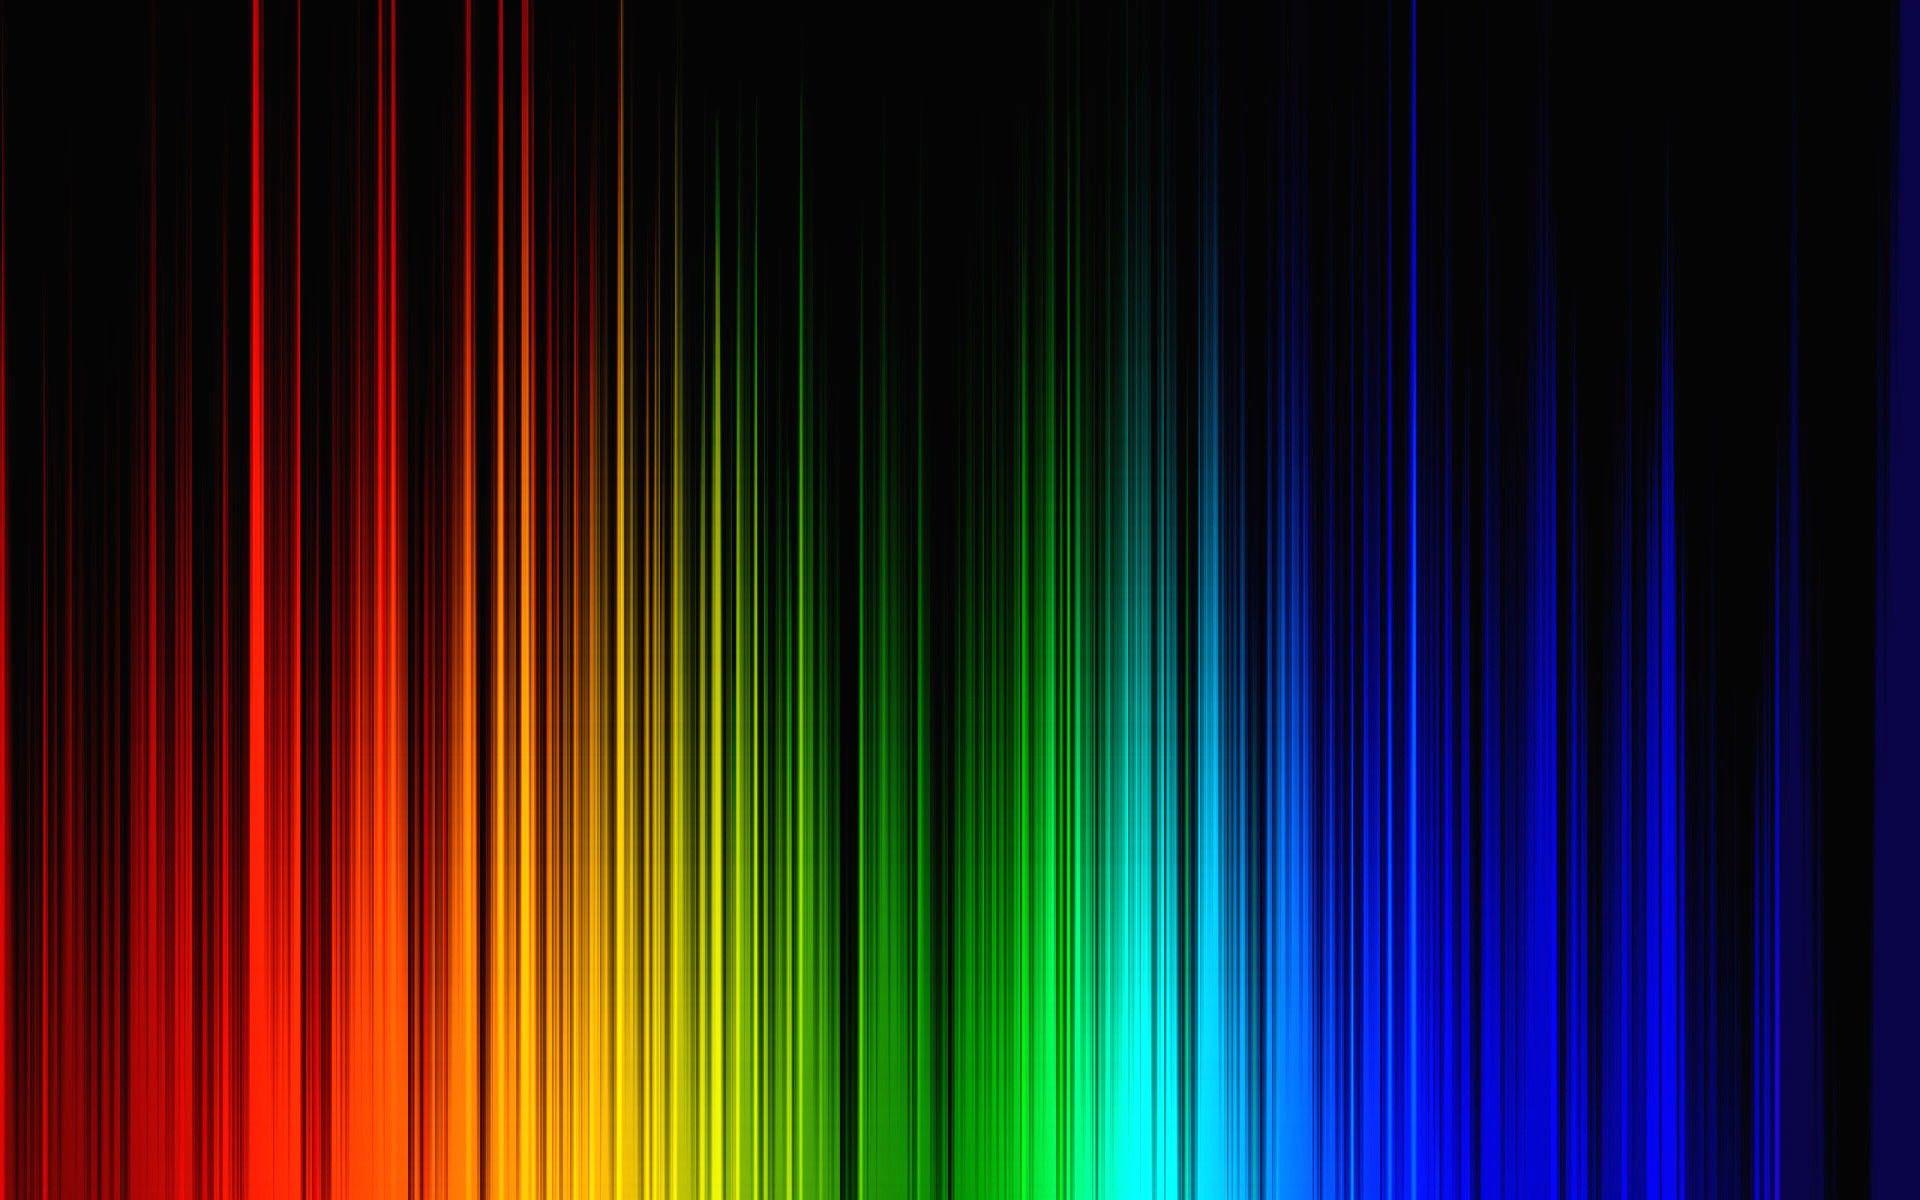 Arri Re Plan Abstrait Couleur Maximumwallhd Avec Fond Ecran Wallpaper Image Abstrait Couleur 08 Et Fond Ecra Colorful Backgrounds Colorful Wallpaper Color Plan